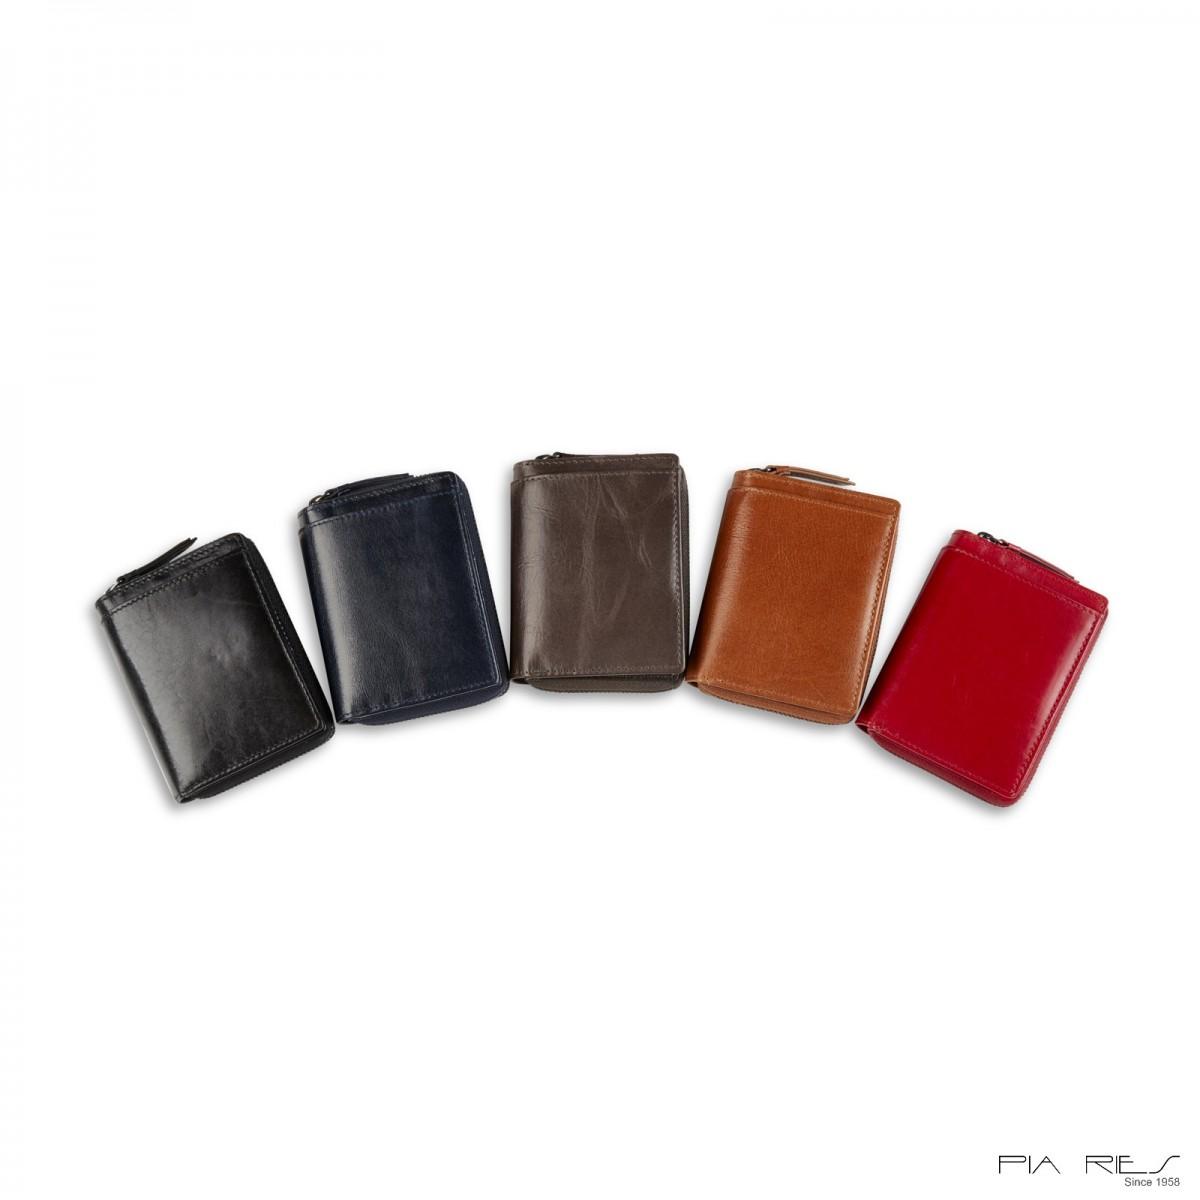 Lille pung til kort og mønter-31